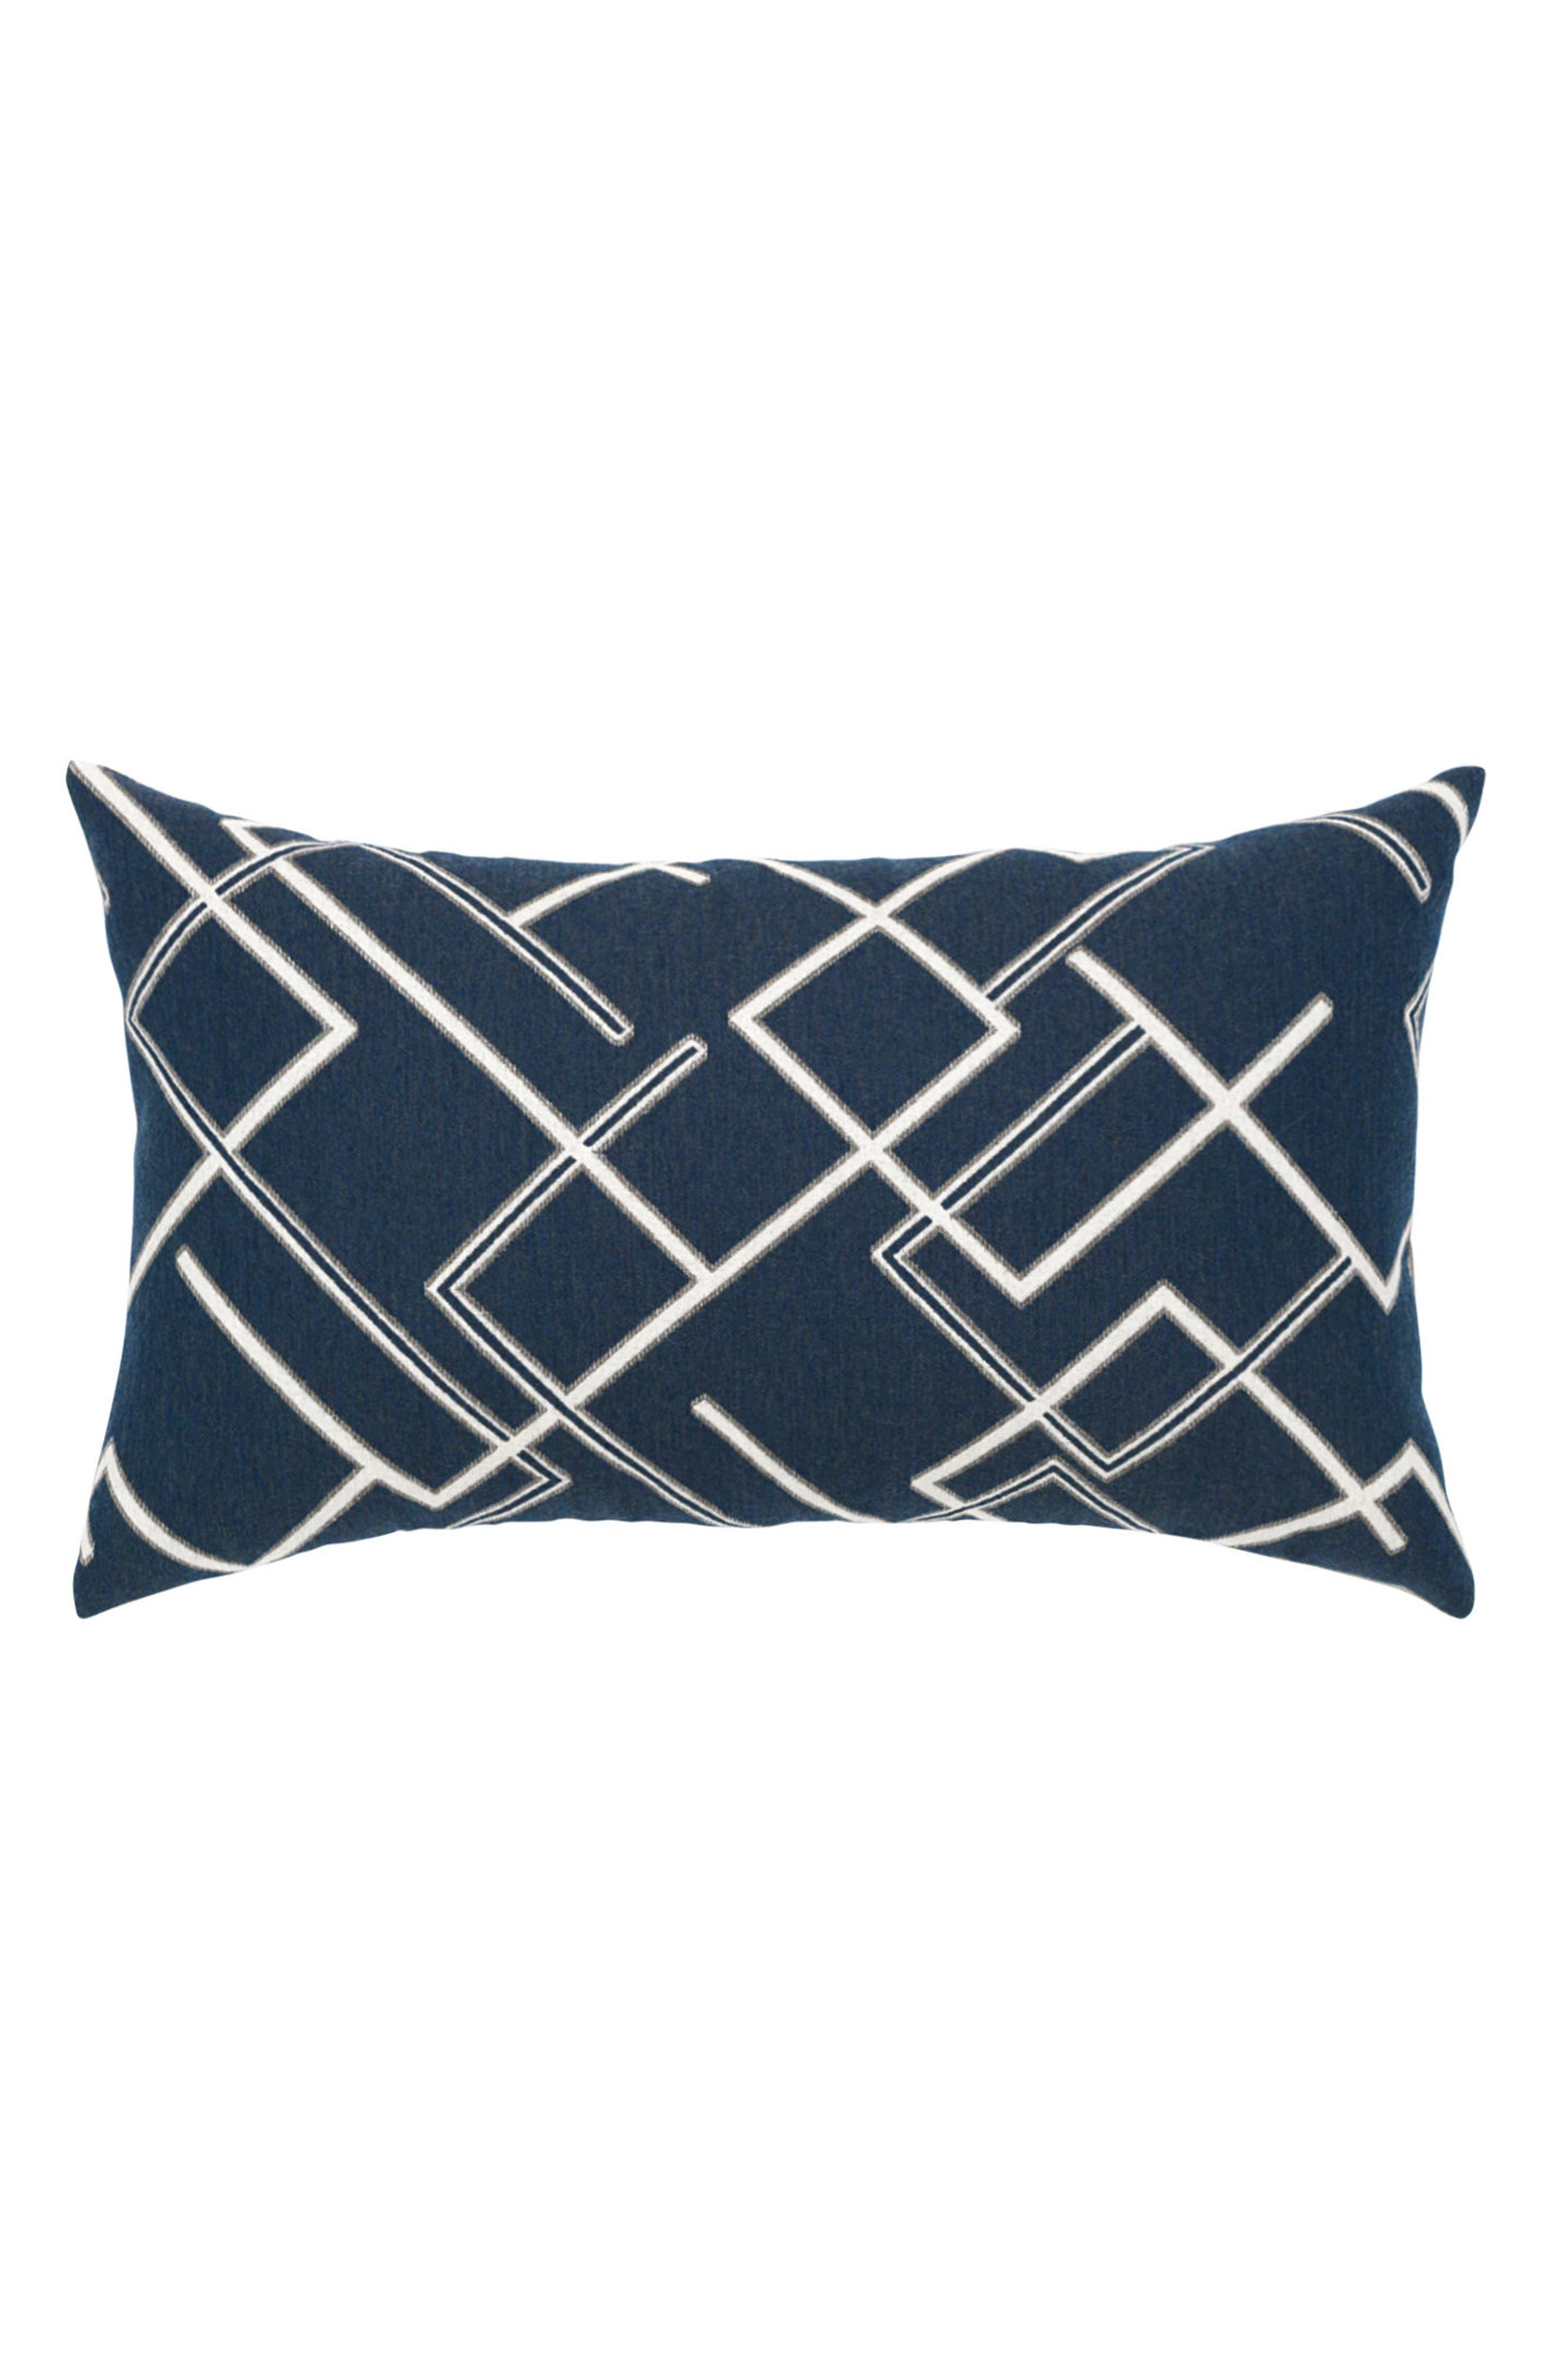 Divergence Indigo Lumbar Pillow,                             Main thumbnail 1, color,                             400